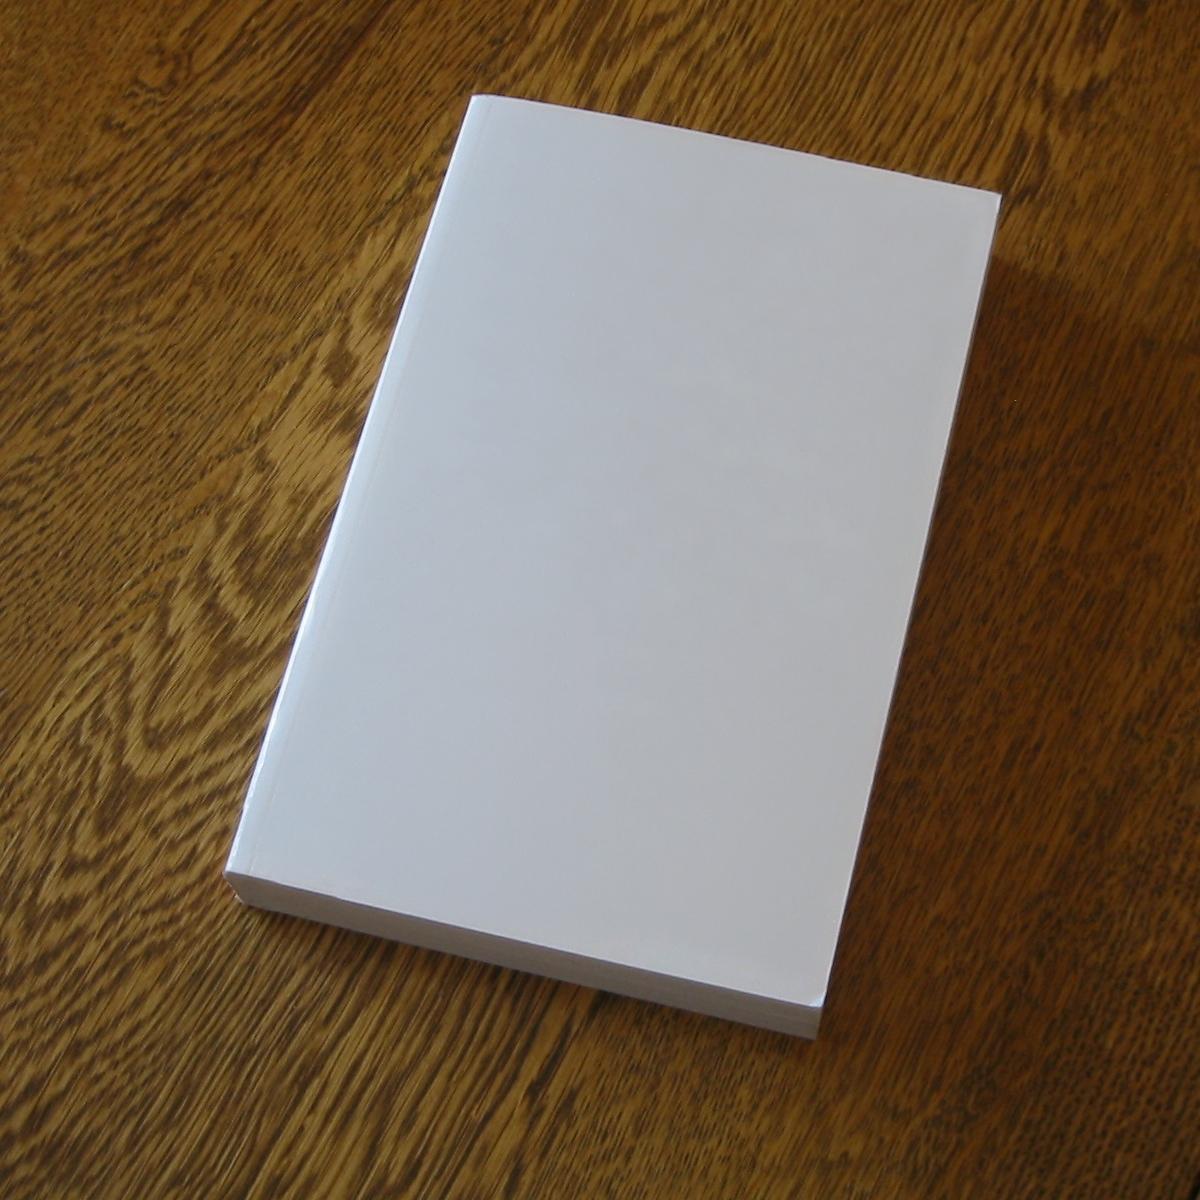 Blank_book_on_a_table.jpg